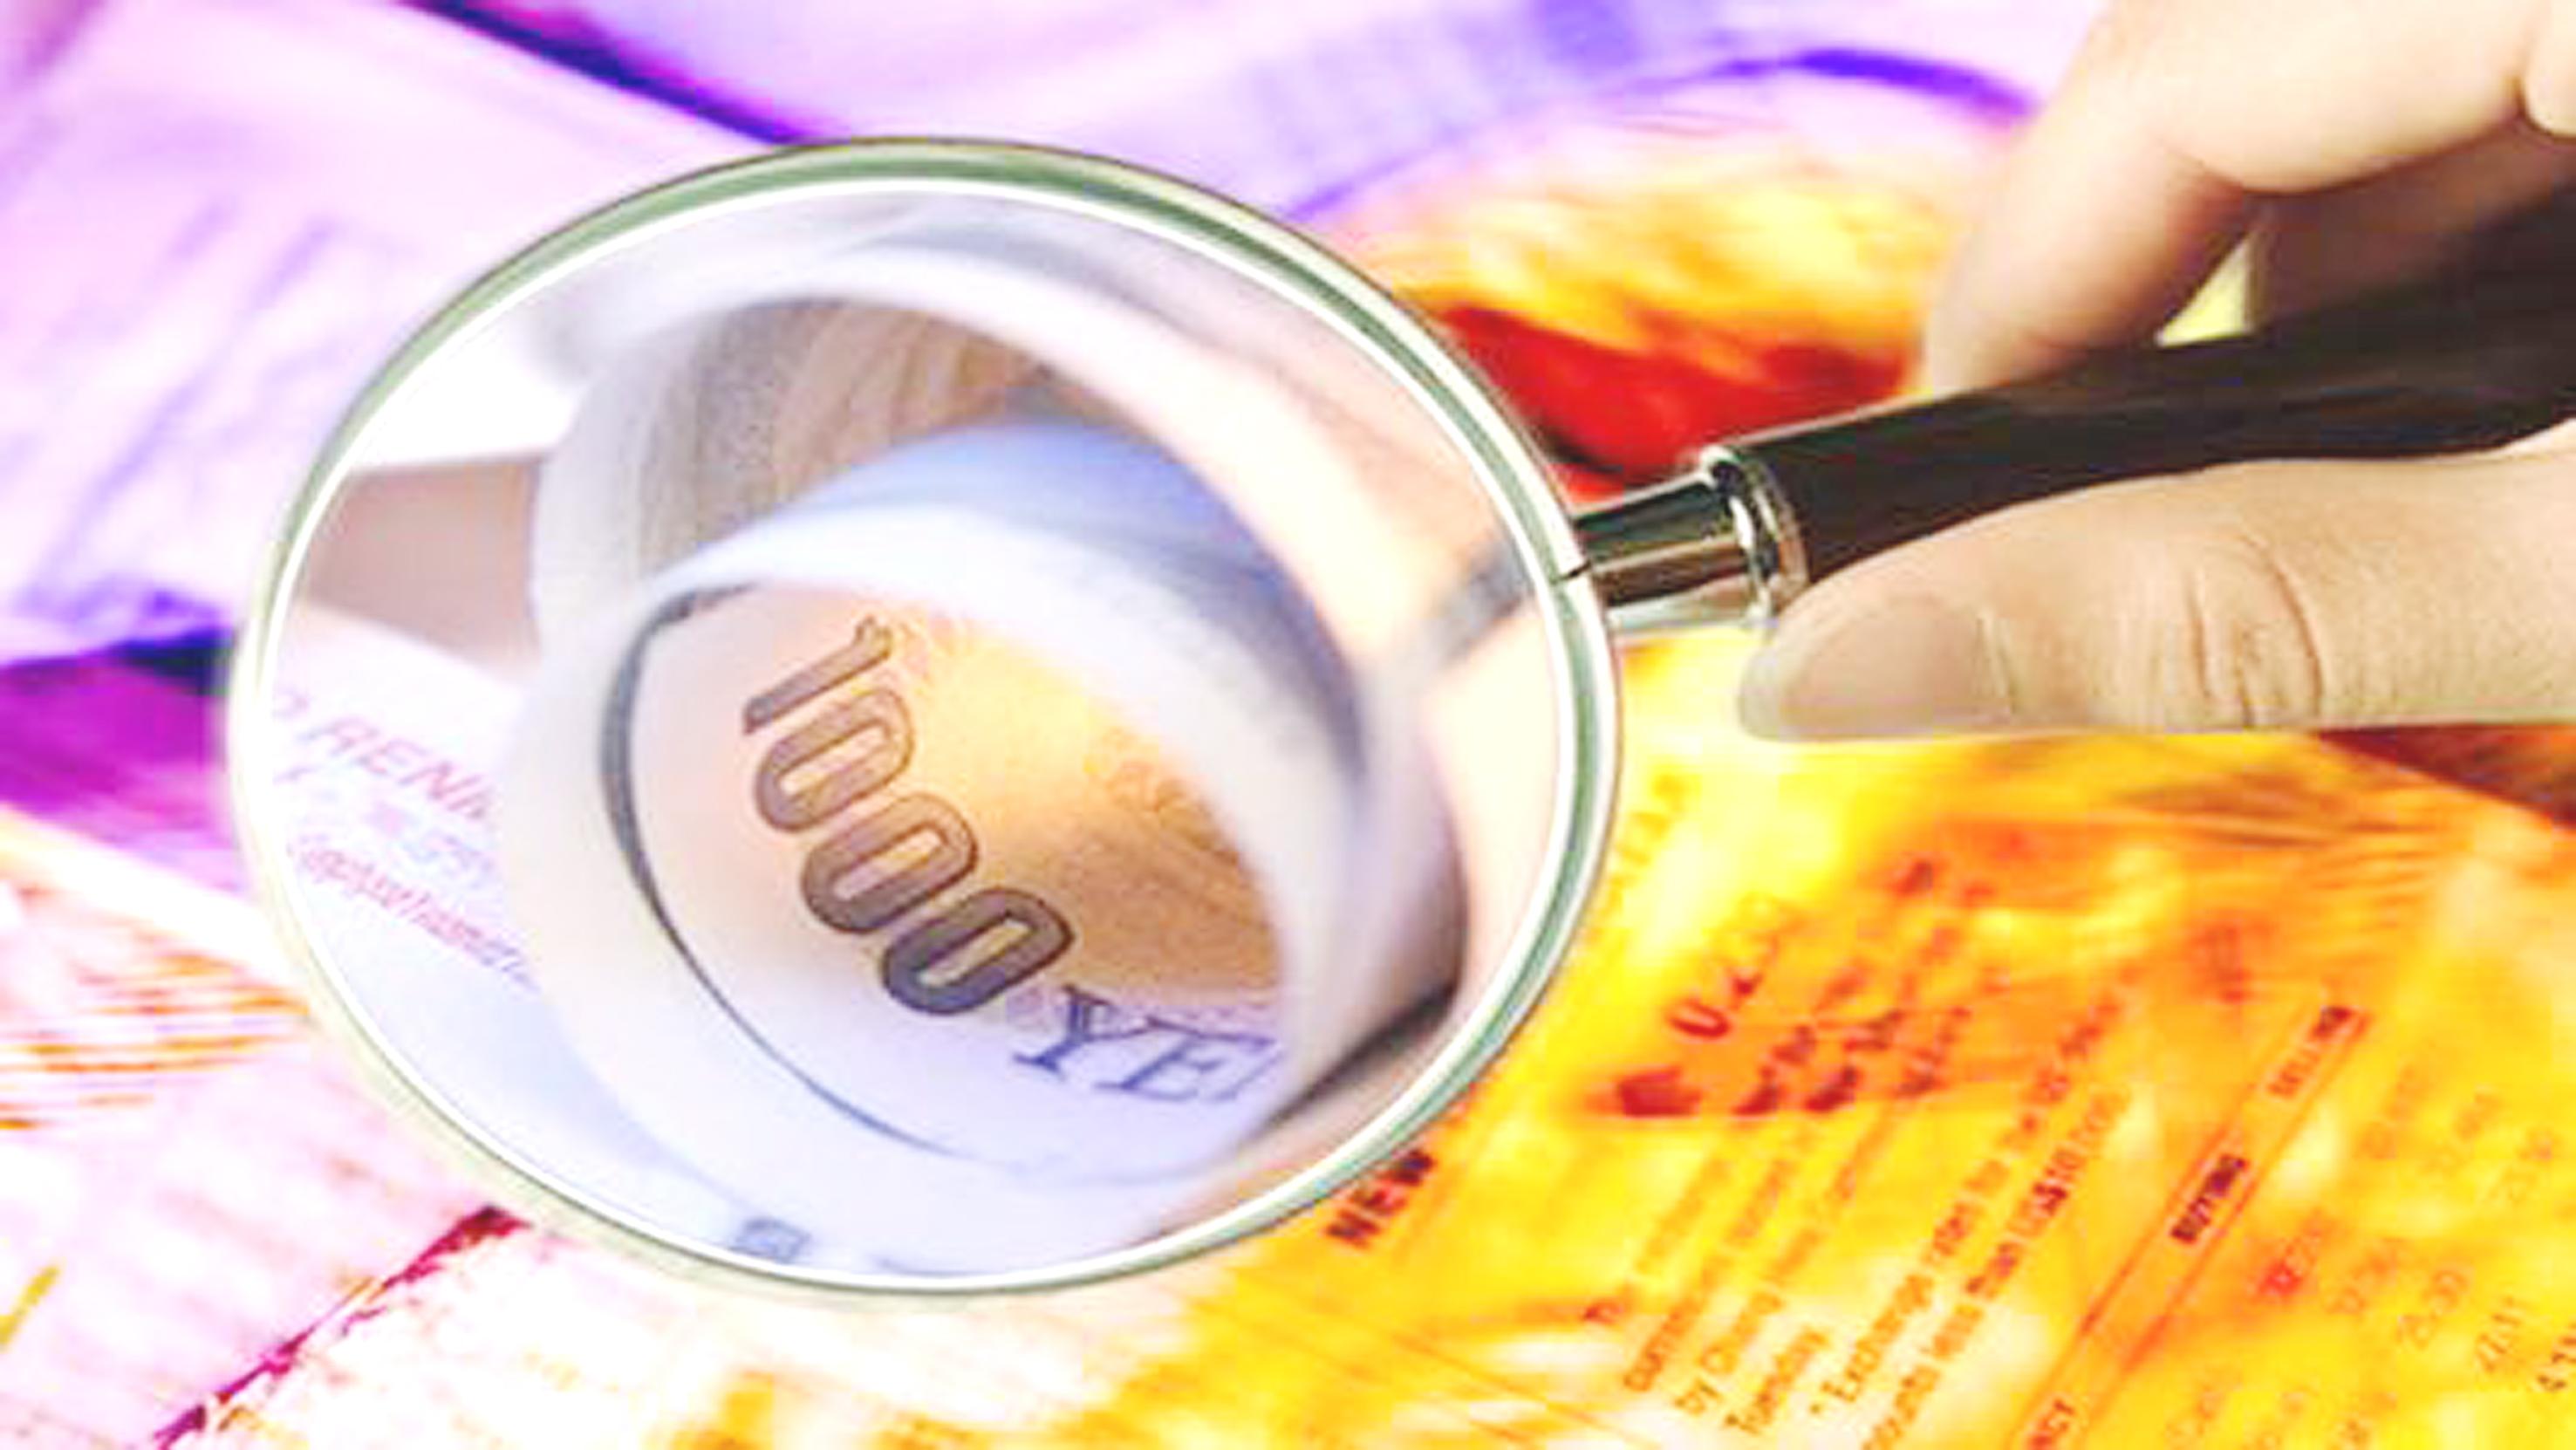 震荡市场适合买基金吗?震荡市场如何买基金?